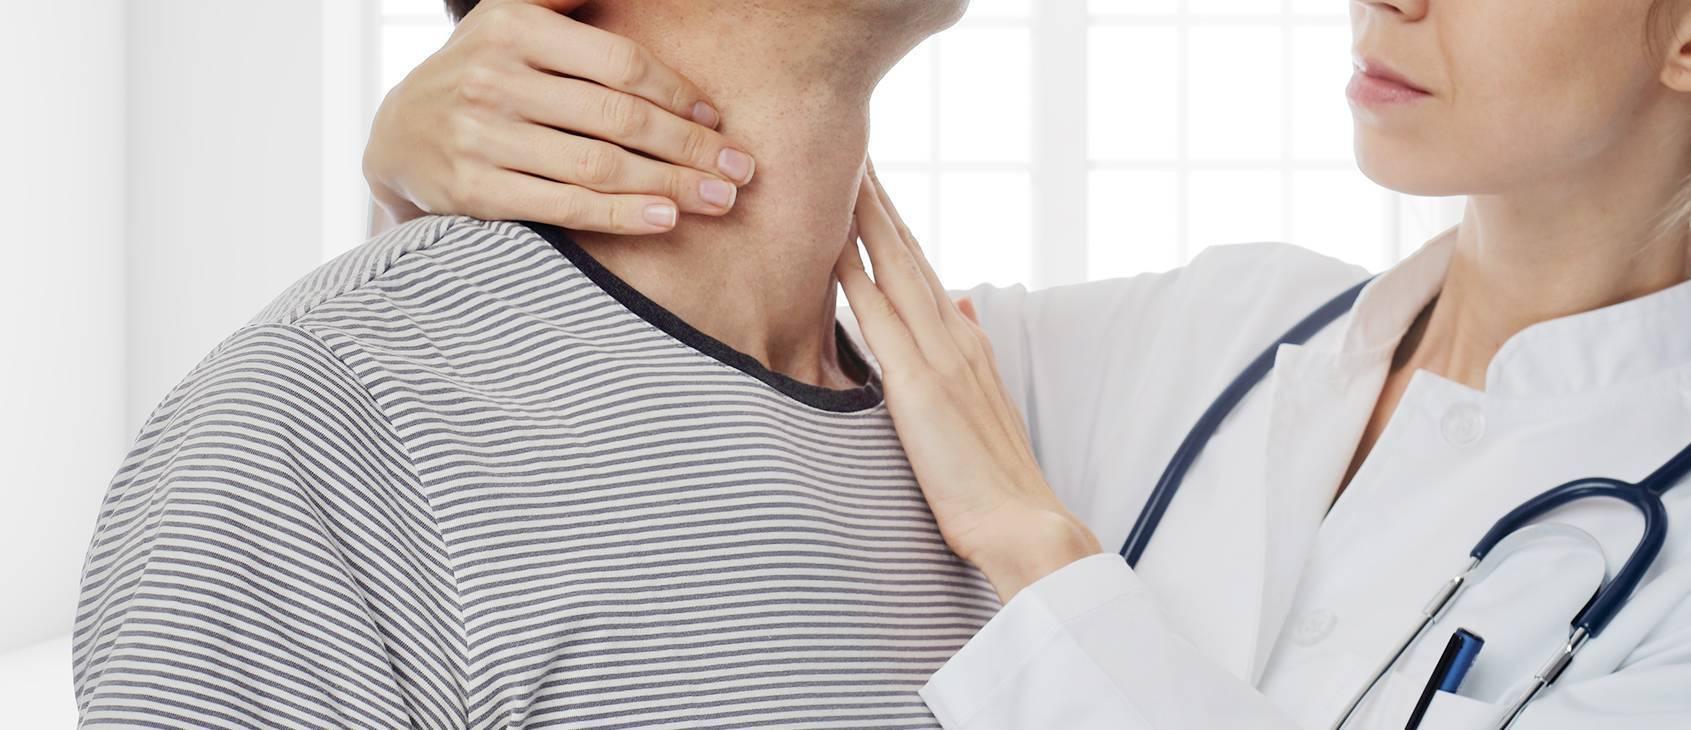 Эндокринные болезни: список, симптомы, признаки и лечение